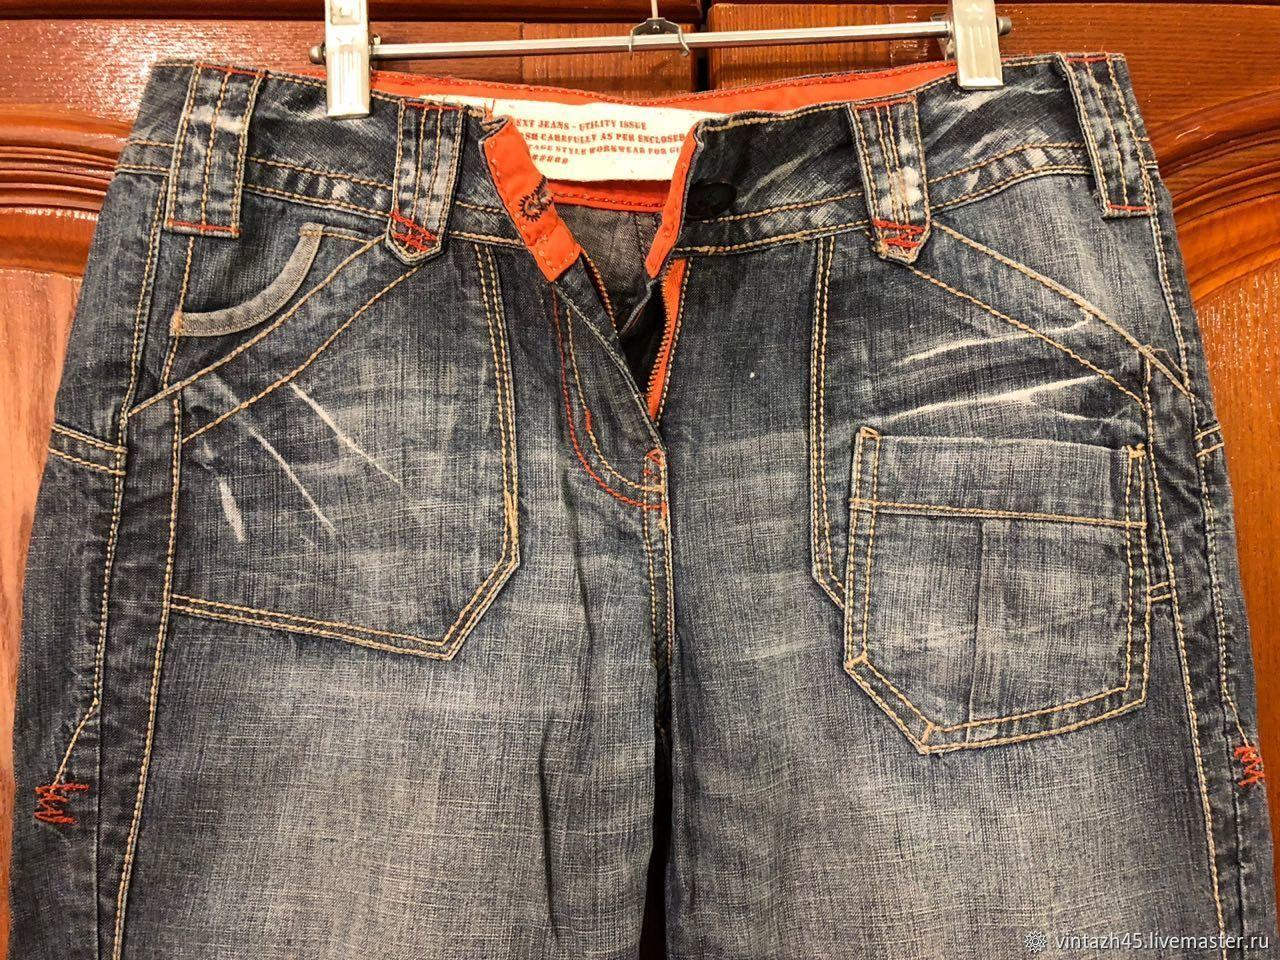 9be44f5b223 Handmade Одежда. Винтаж  Винтажные мужские шорты. Авторские и винтажные вещи  от Ольги. Интернет Одежда. Заказать ...